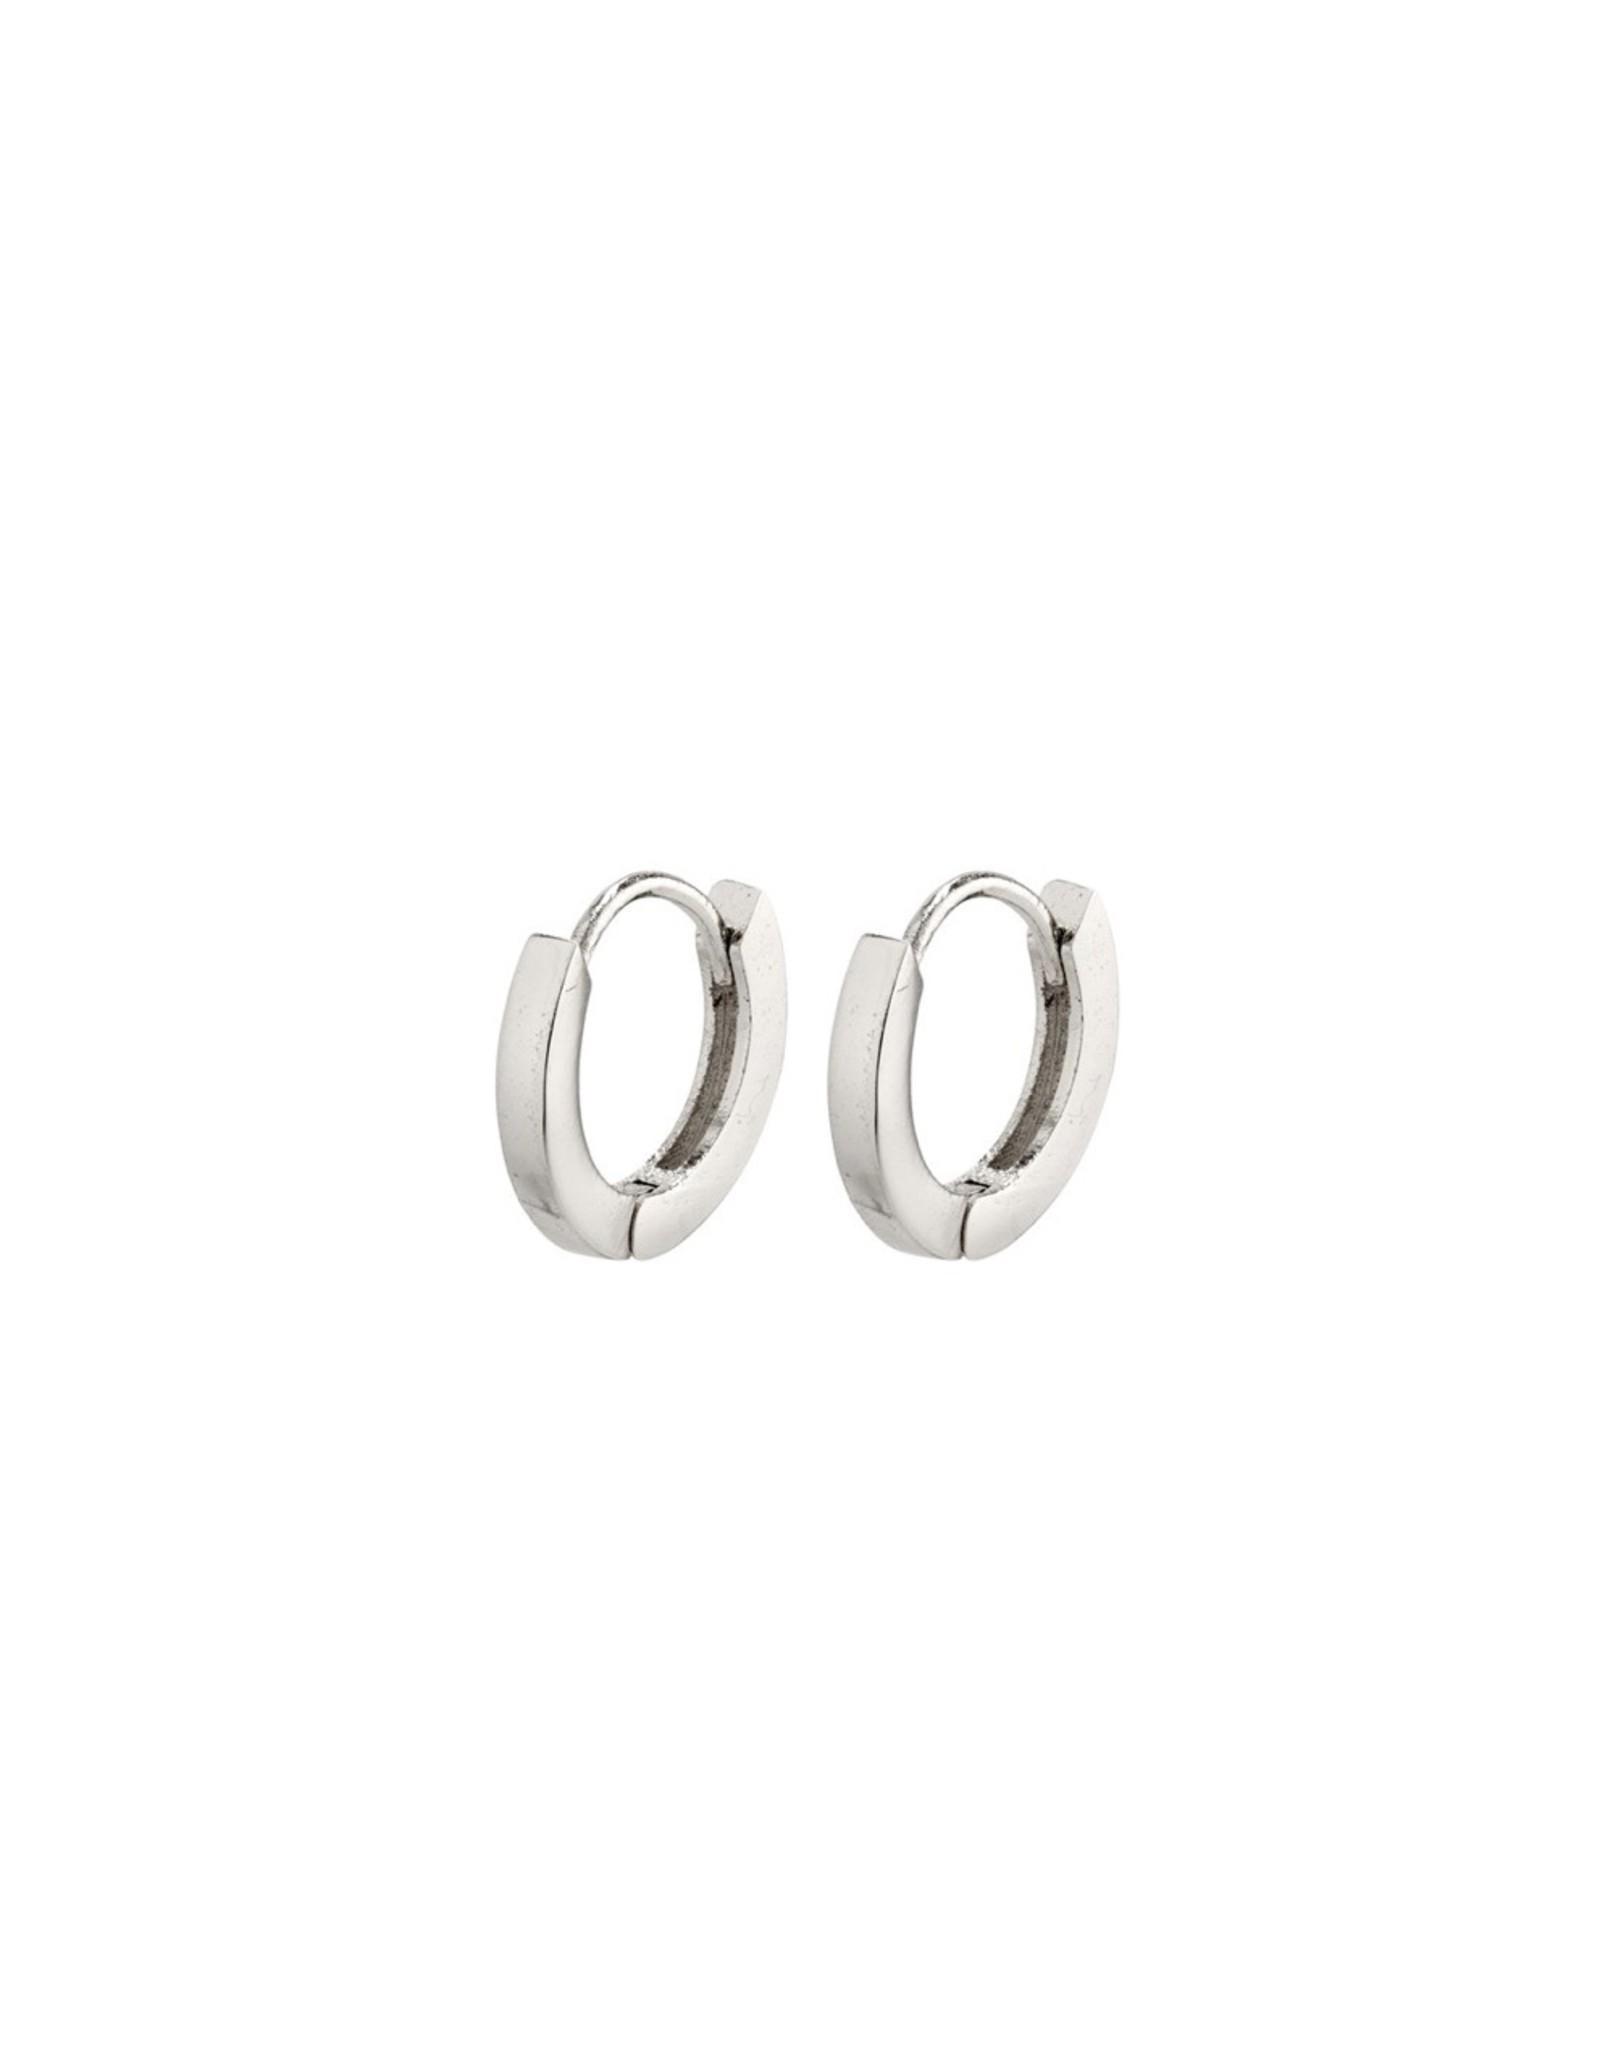 Pilgrim Pilgrim Earrings, Arnelle Small Hoops, Silver Plated